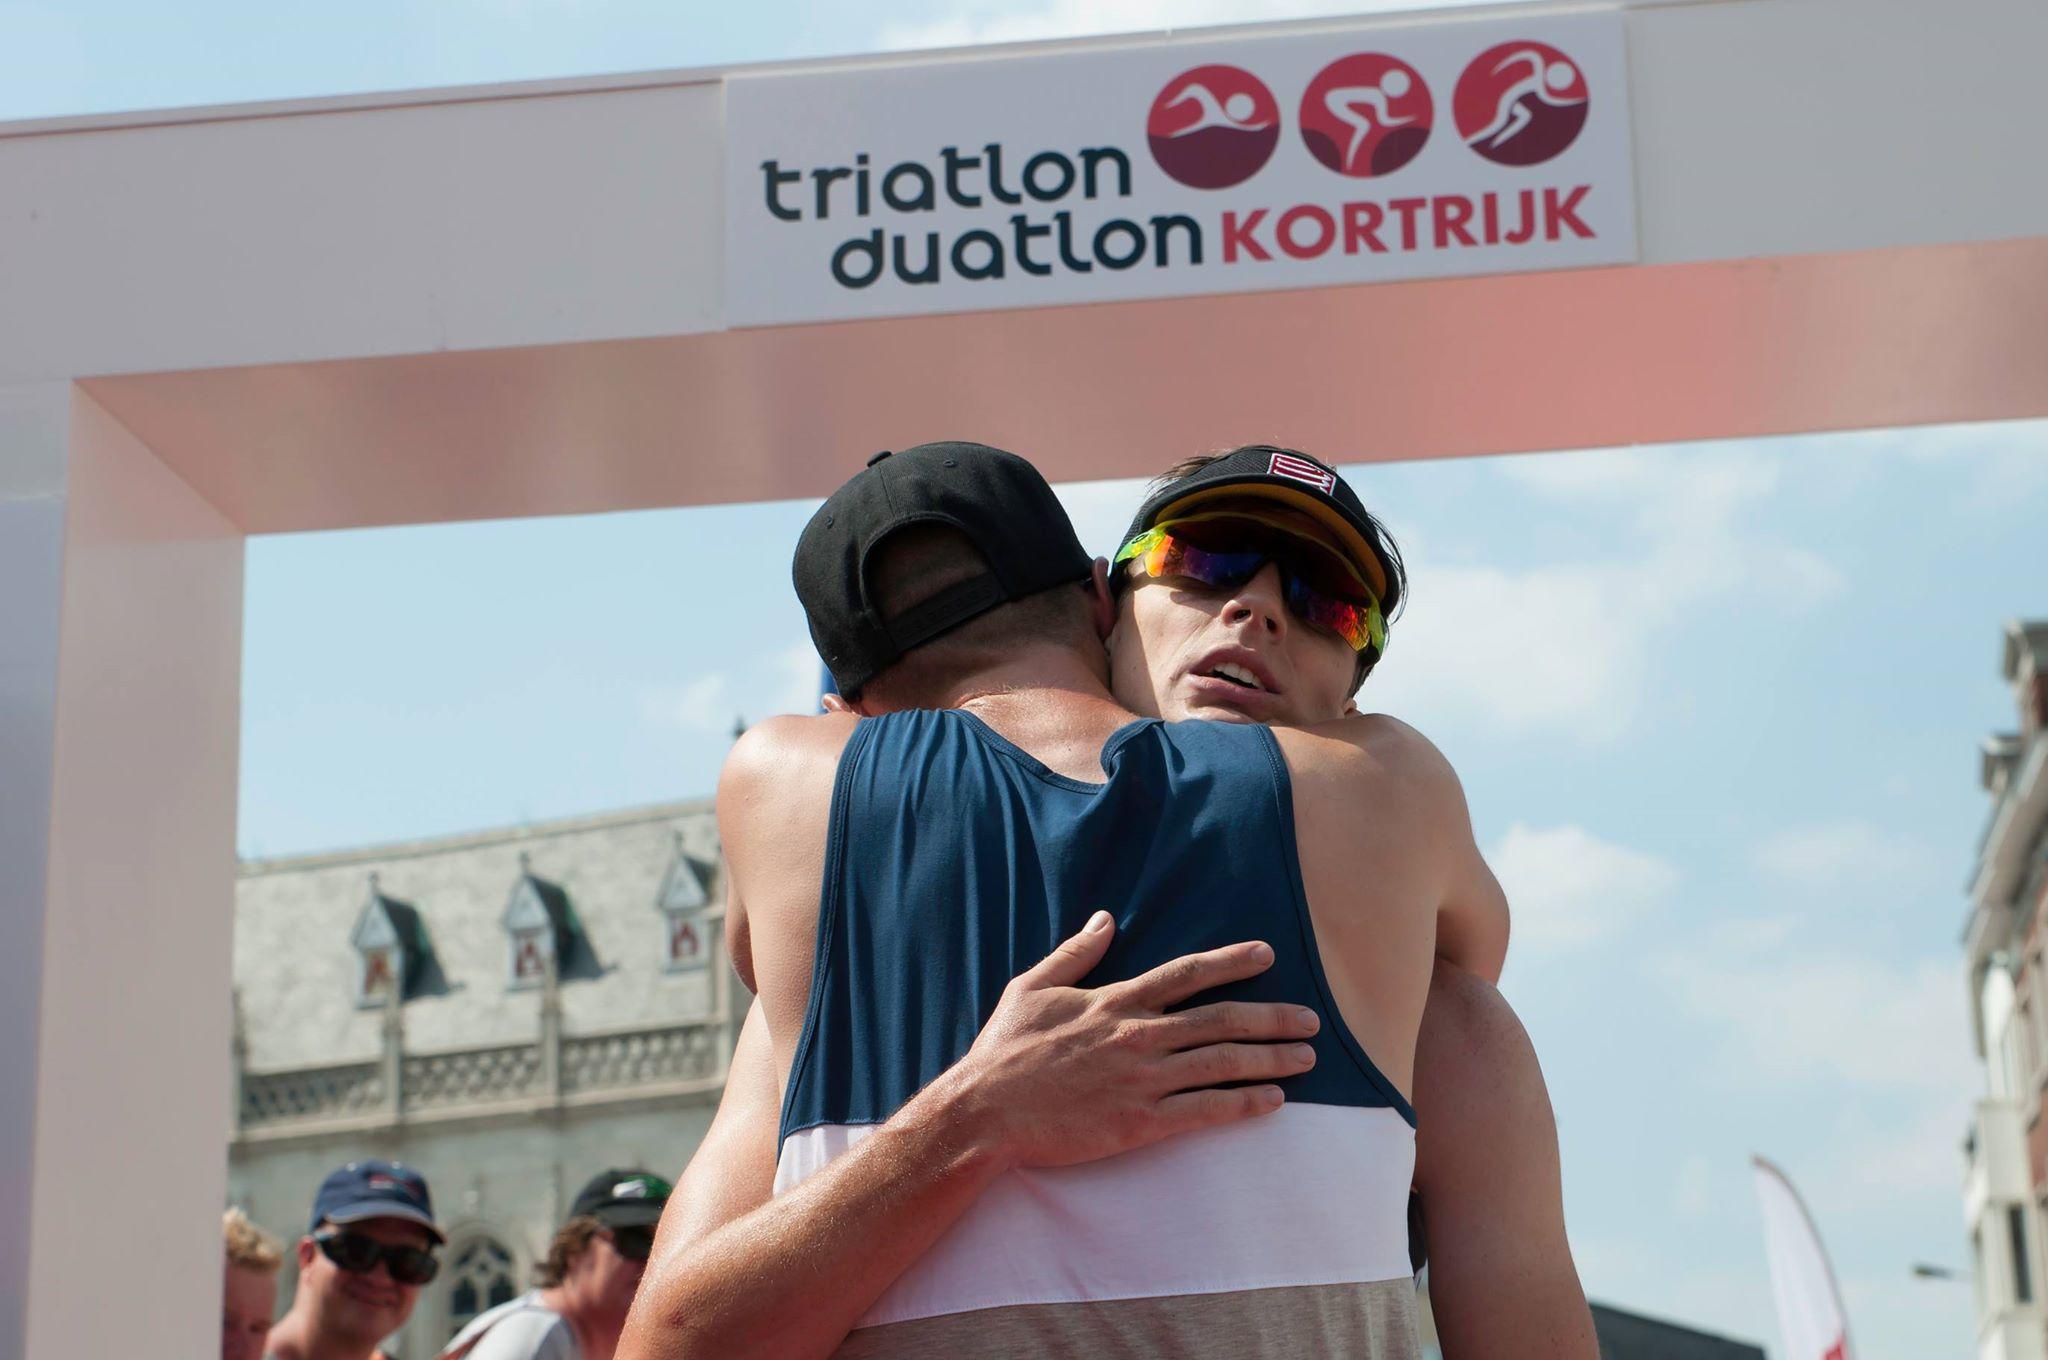 Gert Jan Dhaene Vincent Van De Walle Kortrijk hug 2017